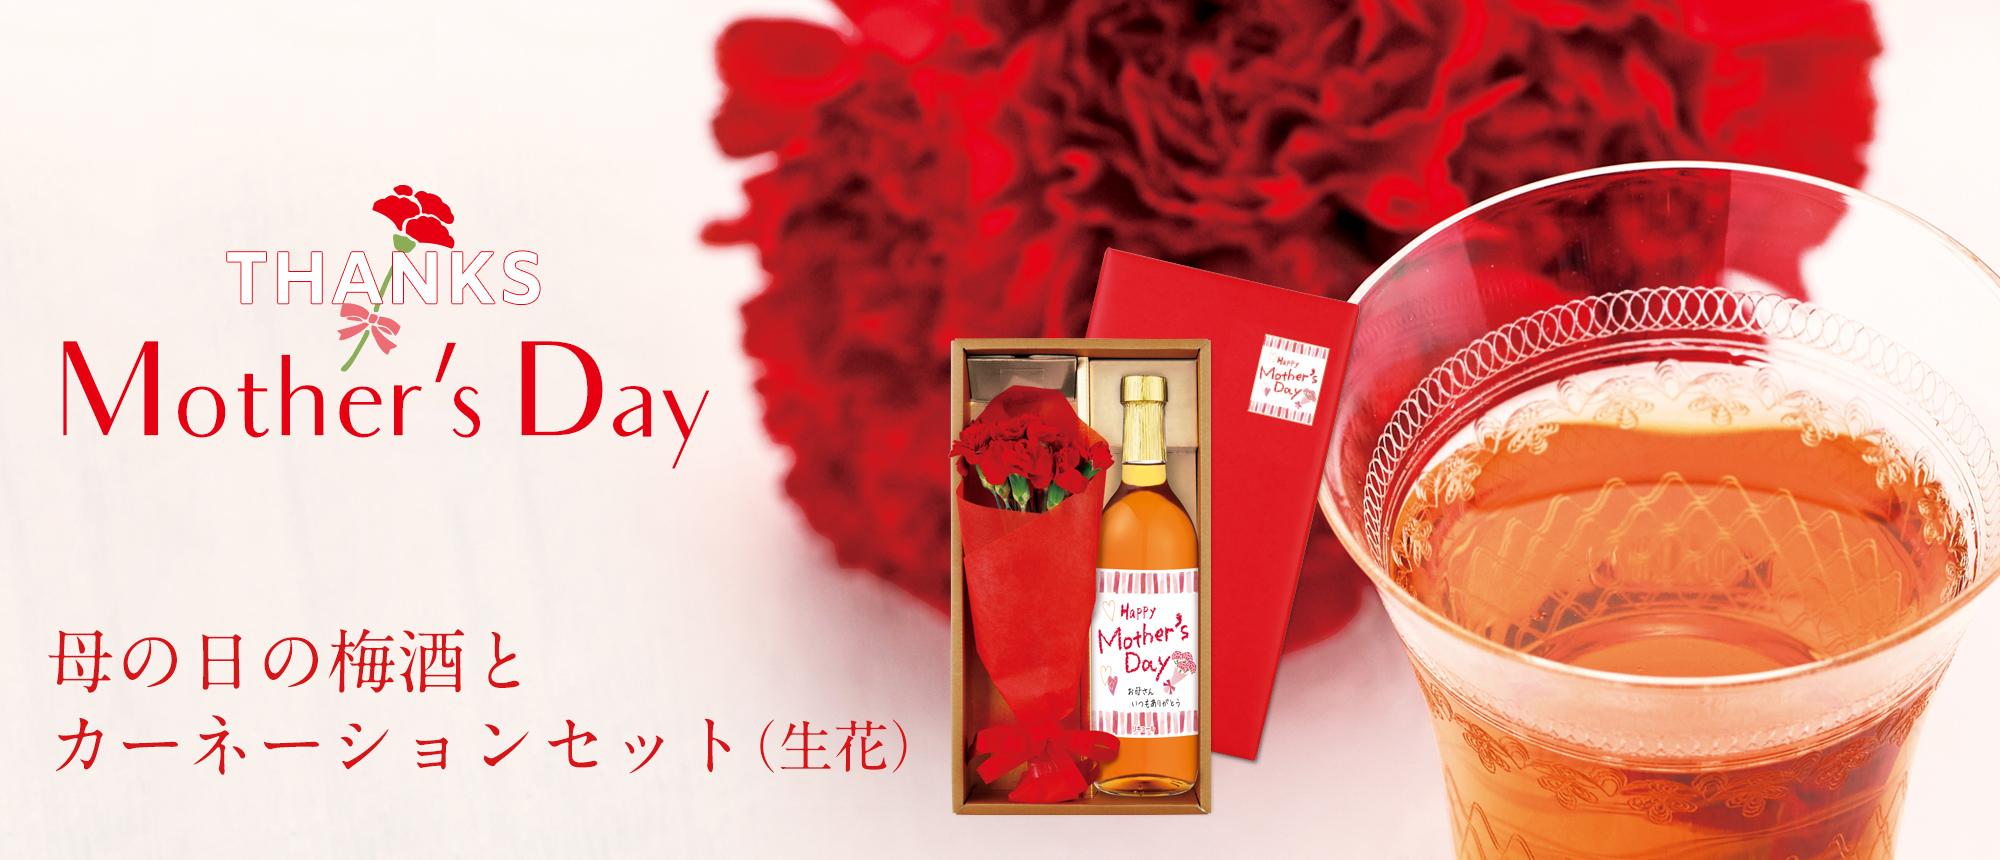 母の日の梅酒とカーネションセット(生花)(原酒 紀州絵巻720ml カーネーション(生花))